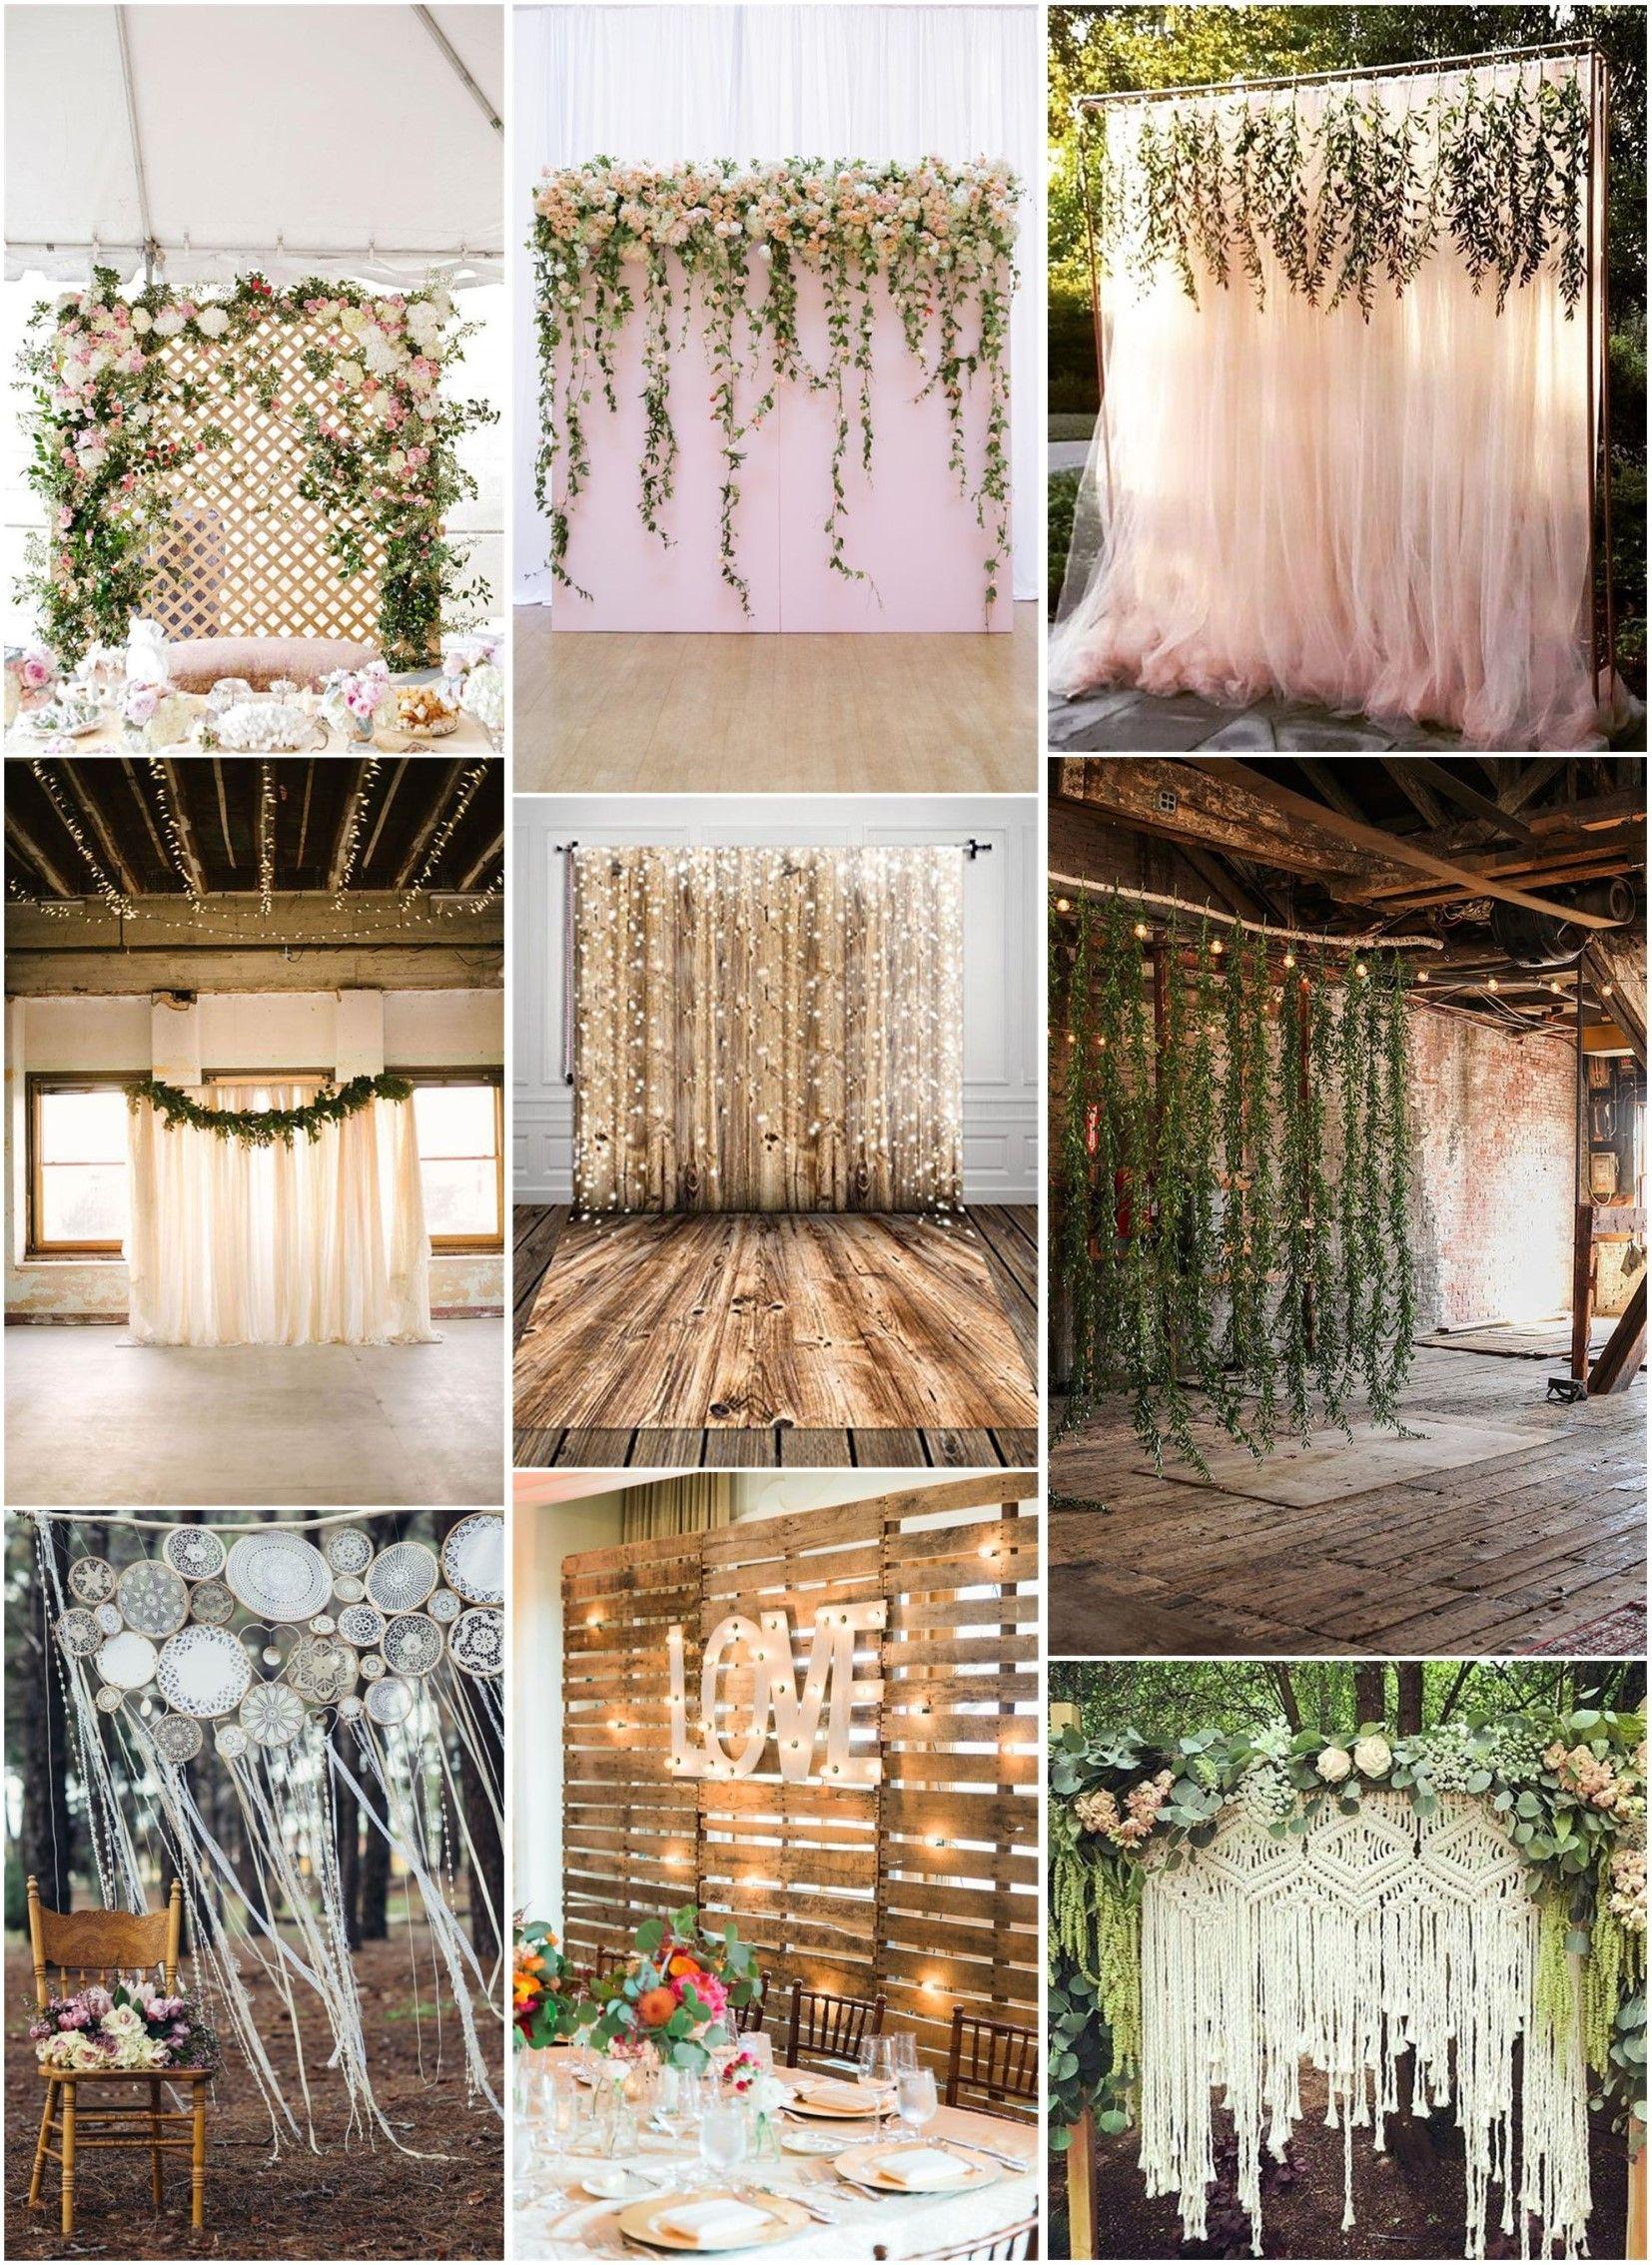 30 Unique And Breathtaking Wedding Backdrop Ideas Weddinginclude Wedding Backdrop Breathtaking Wedding Backdrops